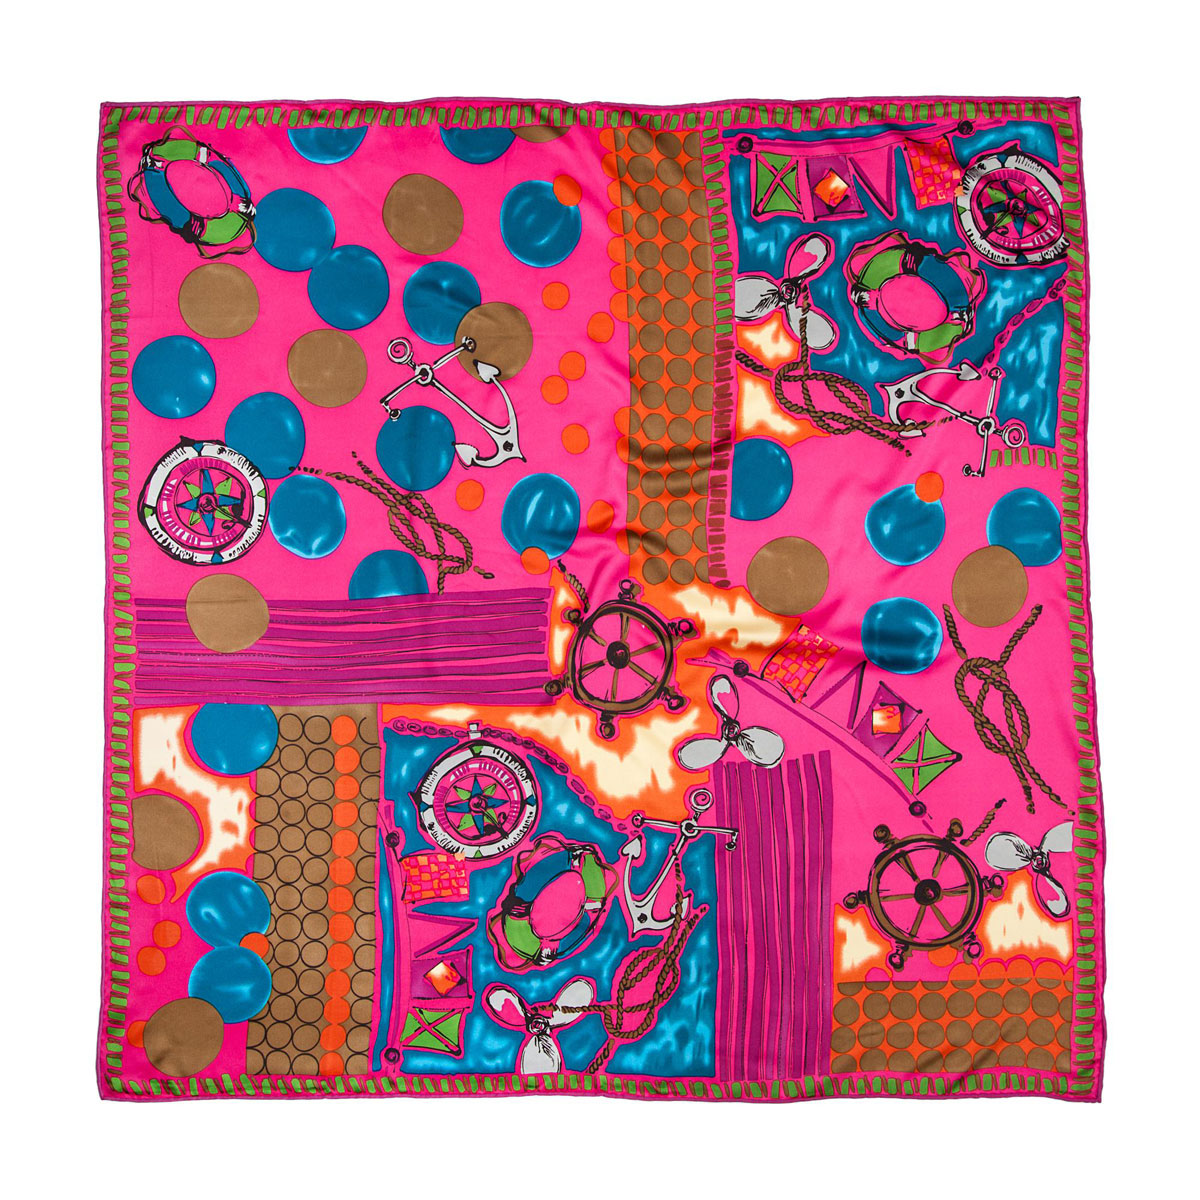 Платок женский Модные истории, цвет: розовый, голубой, оранжевый. 23/0246/117. Размер 90 см x 90 см платок 90 90 см foulard de luxe цвет мультиколор